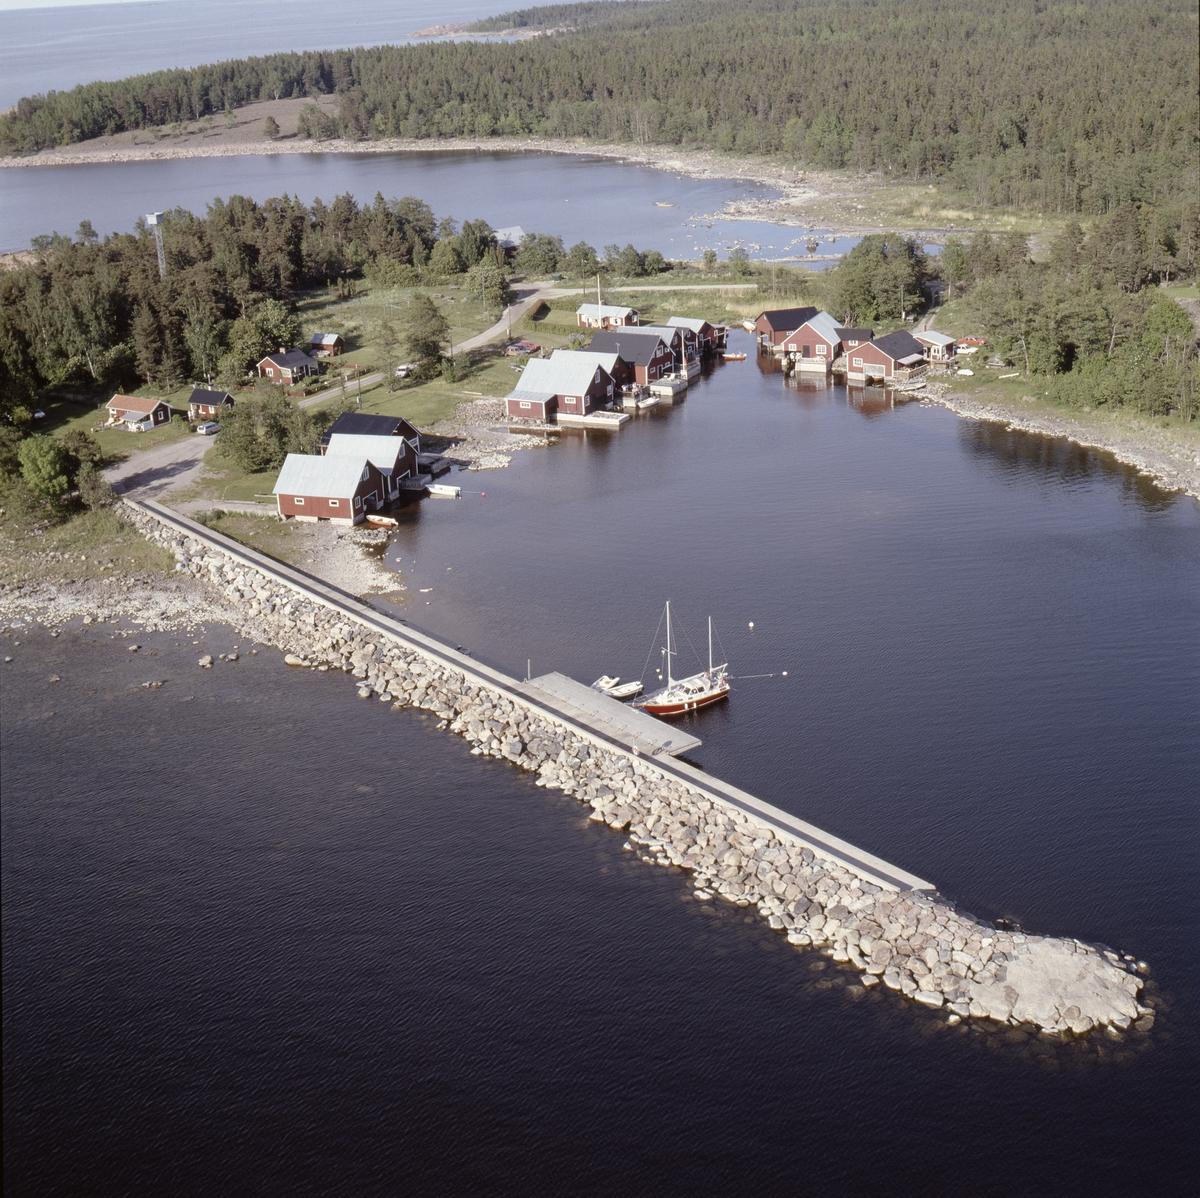 Vy över Sikhjälmas fiskehamn, Hållnäs socken, Uppland, juni 1989